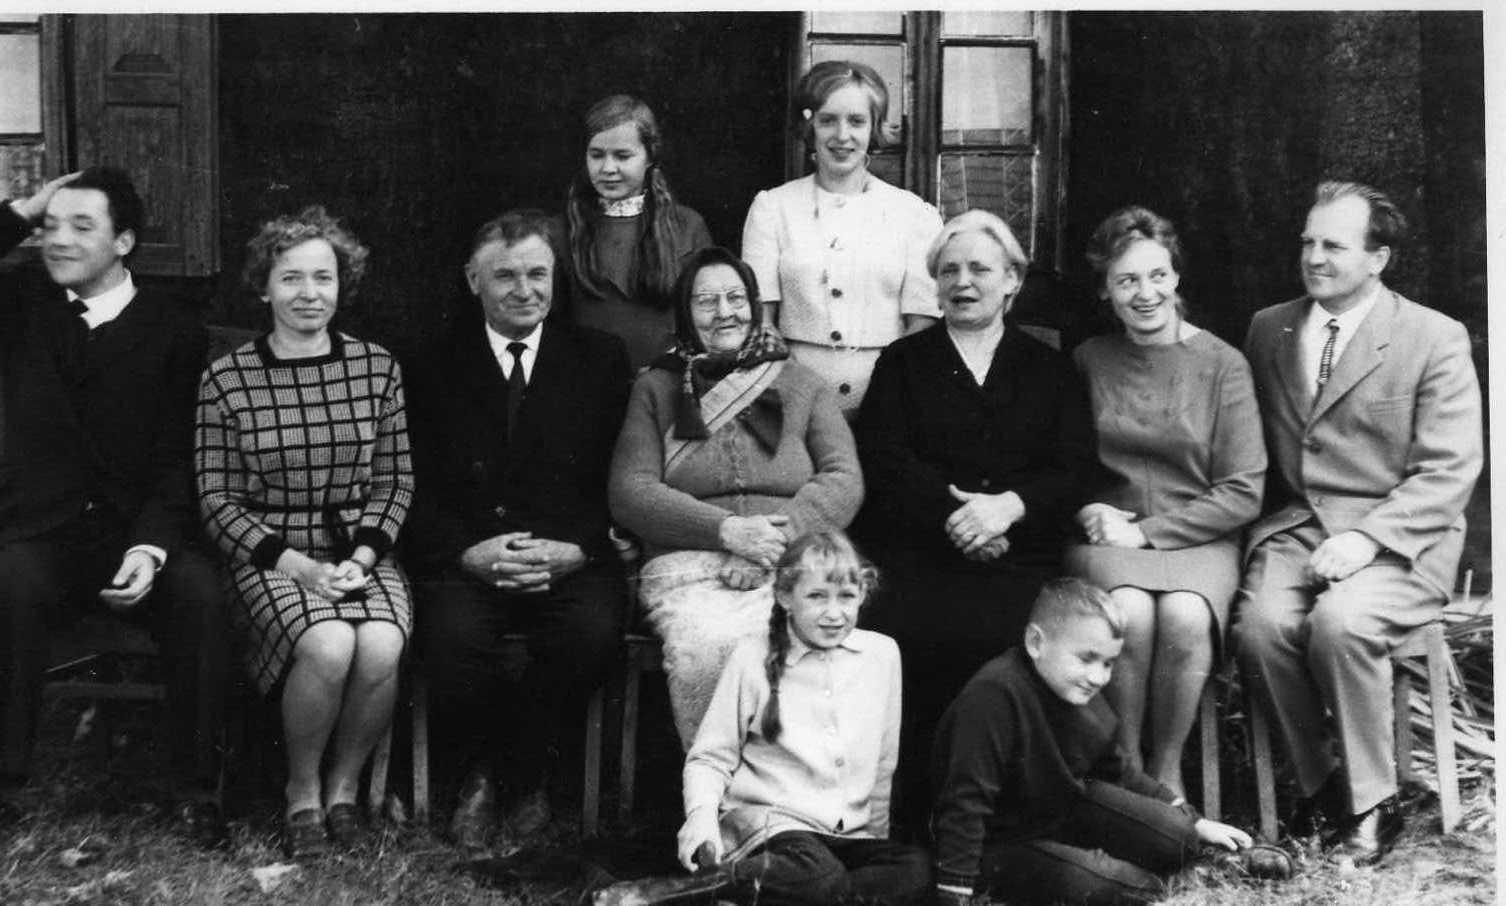 Profesoriaus, agronomo Petro Vasinausko motinos Agotos Vasinauskienės (Čeponytės) 90-mečio jubiliejus. Nuotraukoje sukaktuvininkė su sūnaus Jono Vasinausko šeima. 1972 m.